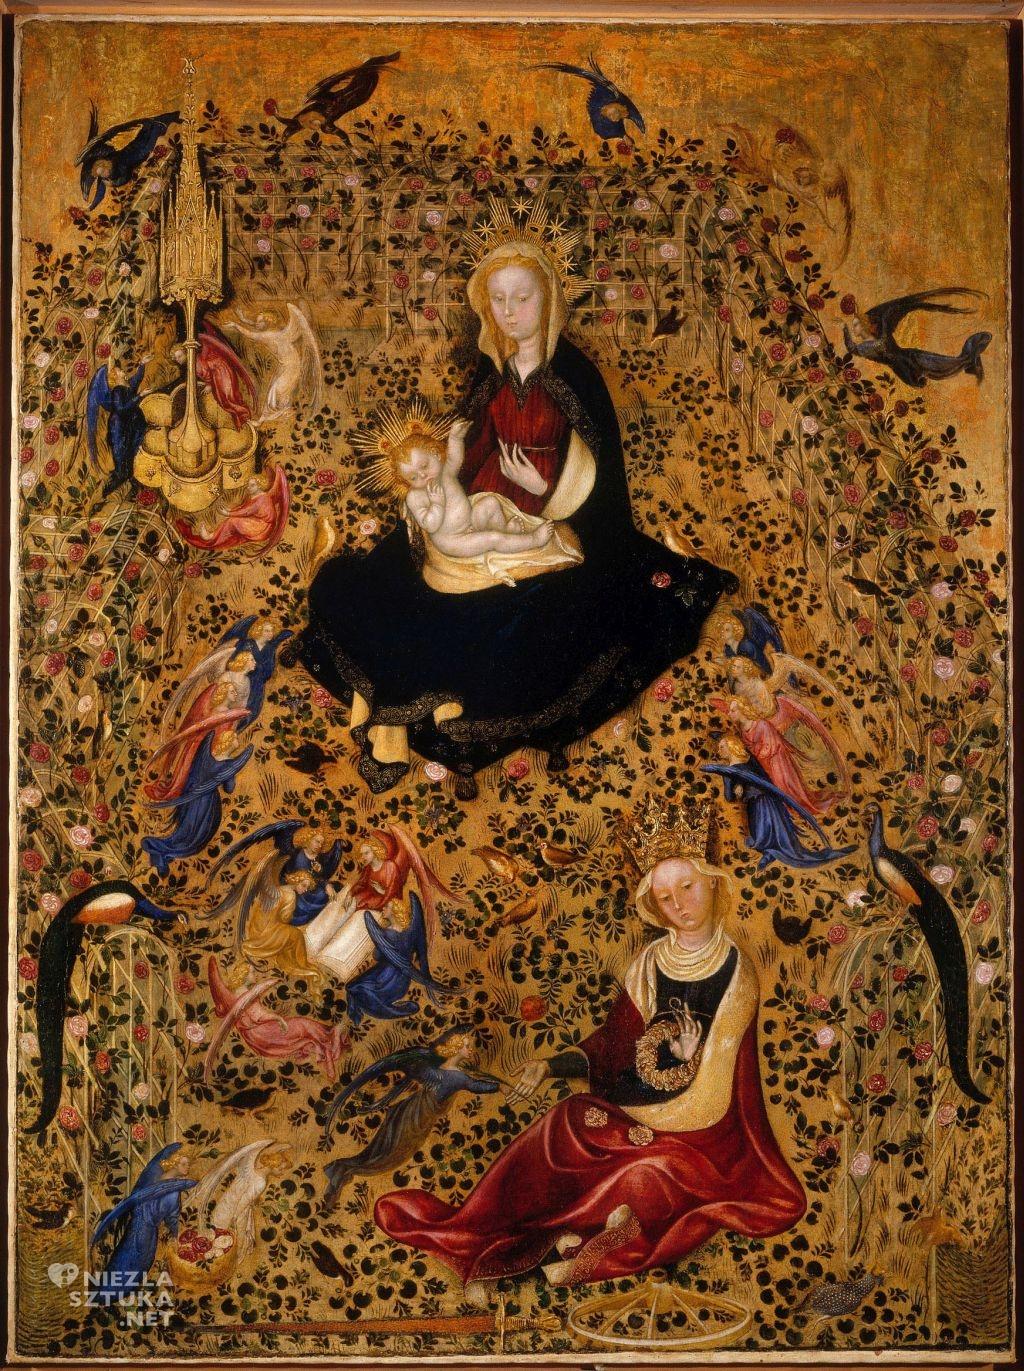 Obraz przypisywany Michelino da Besozzo Madonna w ogrodzie różanym   ok. 1435, Castelvecchio Museum, Werona